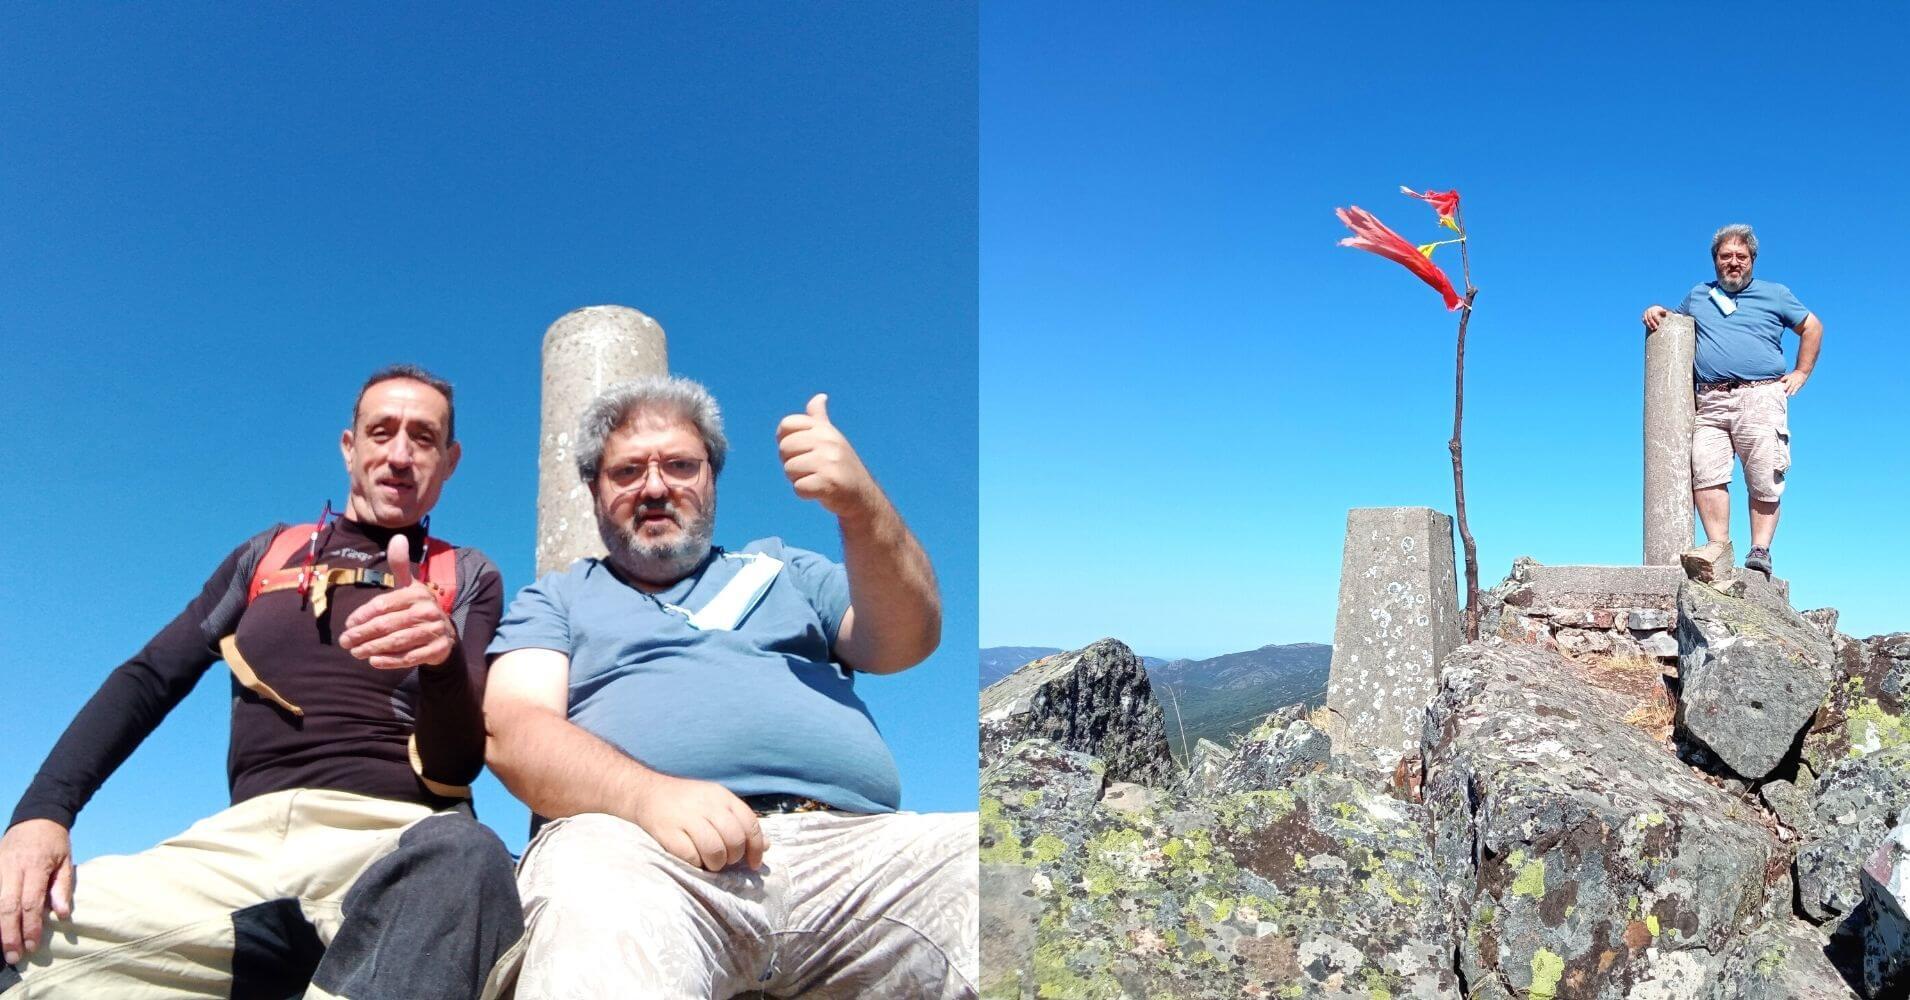 Cumbre y Vértice Geodésico del Cerro Vicente 1430m. Menasalbas, Montes de Toledo. Castilla la Mancha.